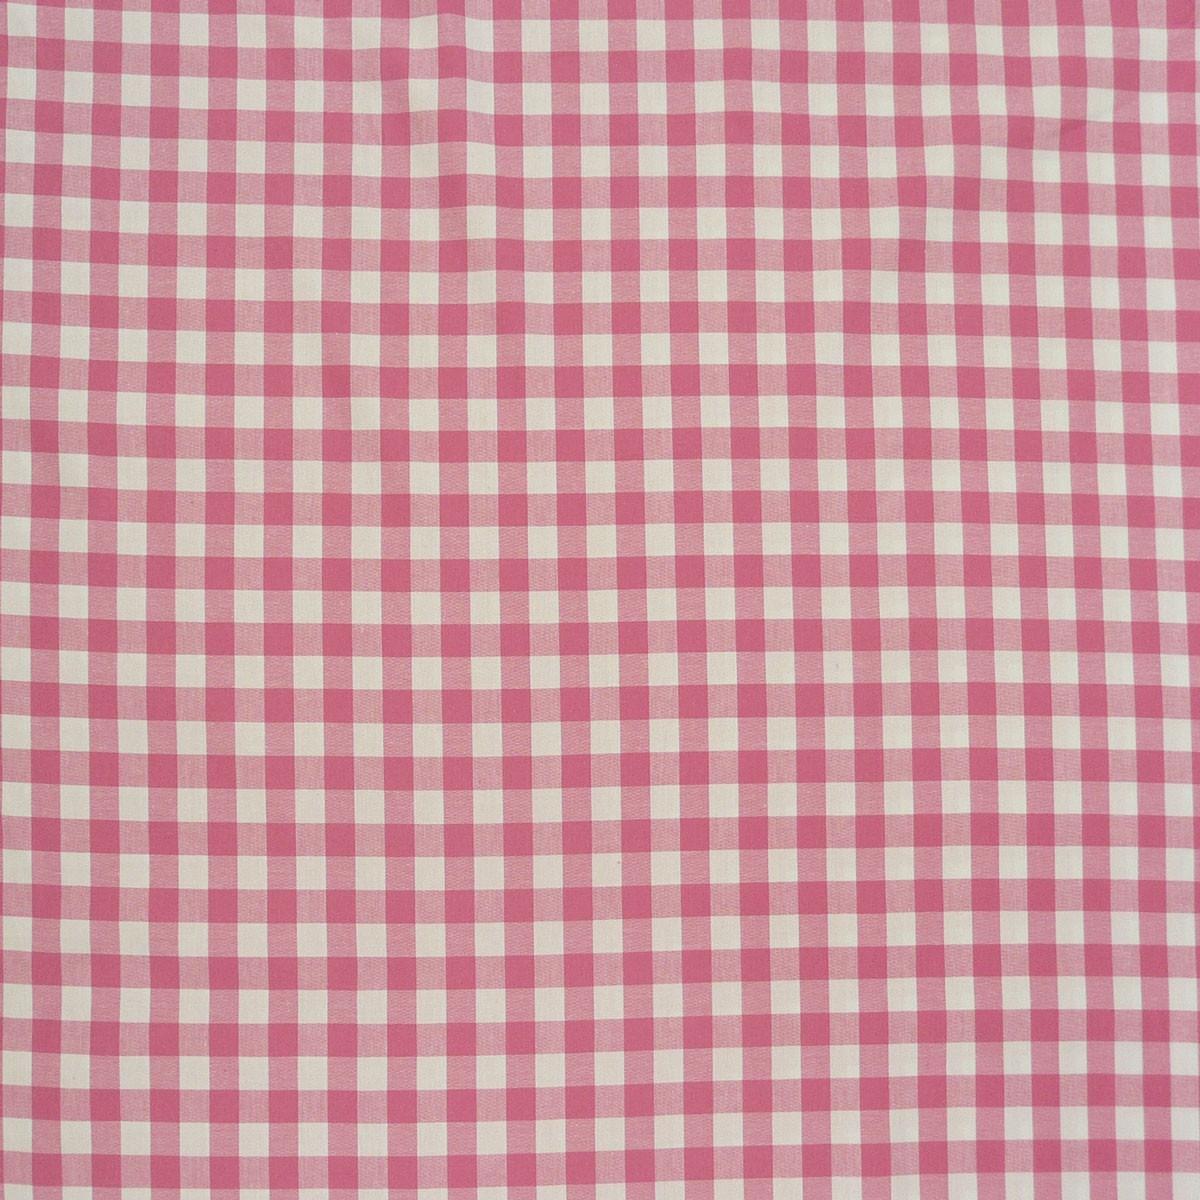 Baumwollstoff kariert weiß rosa  16mm 1,4m Breite